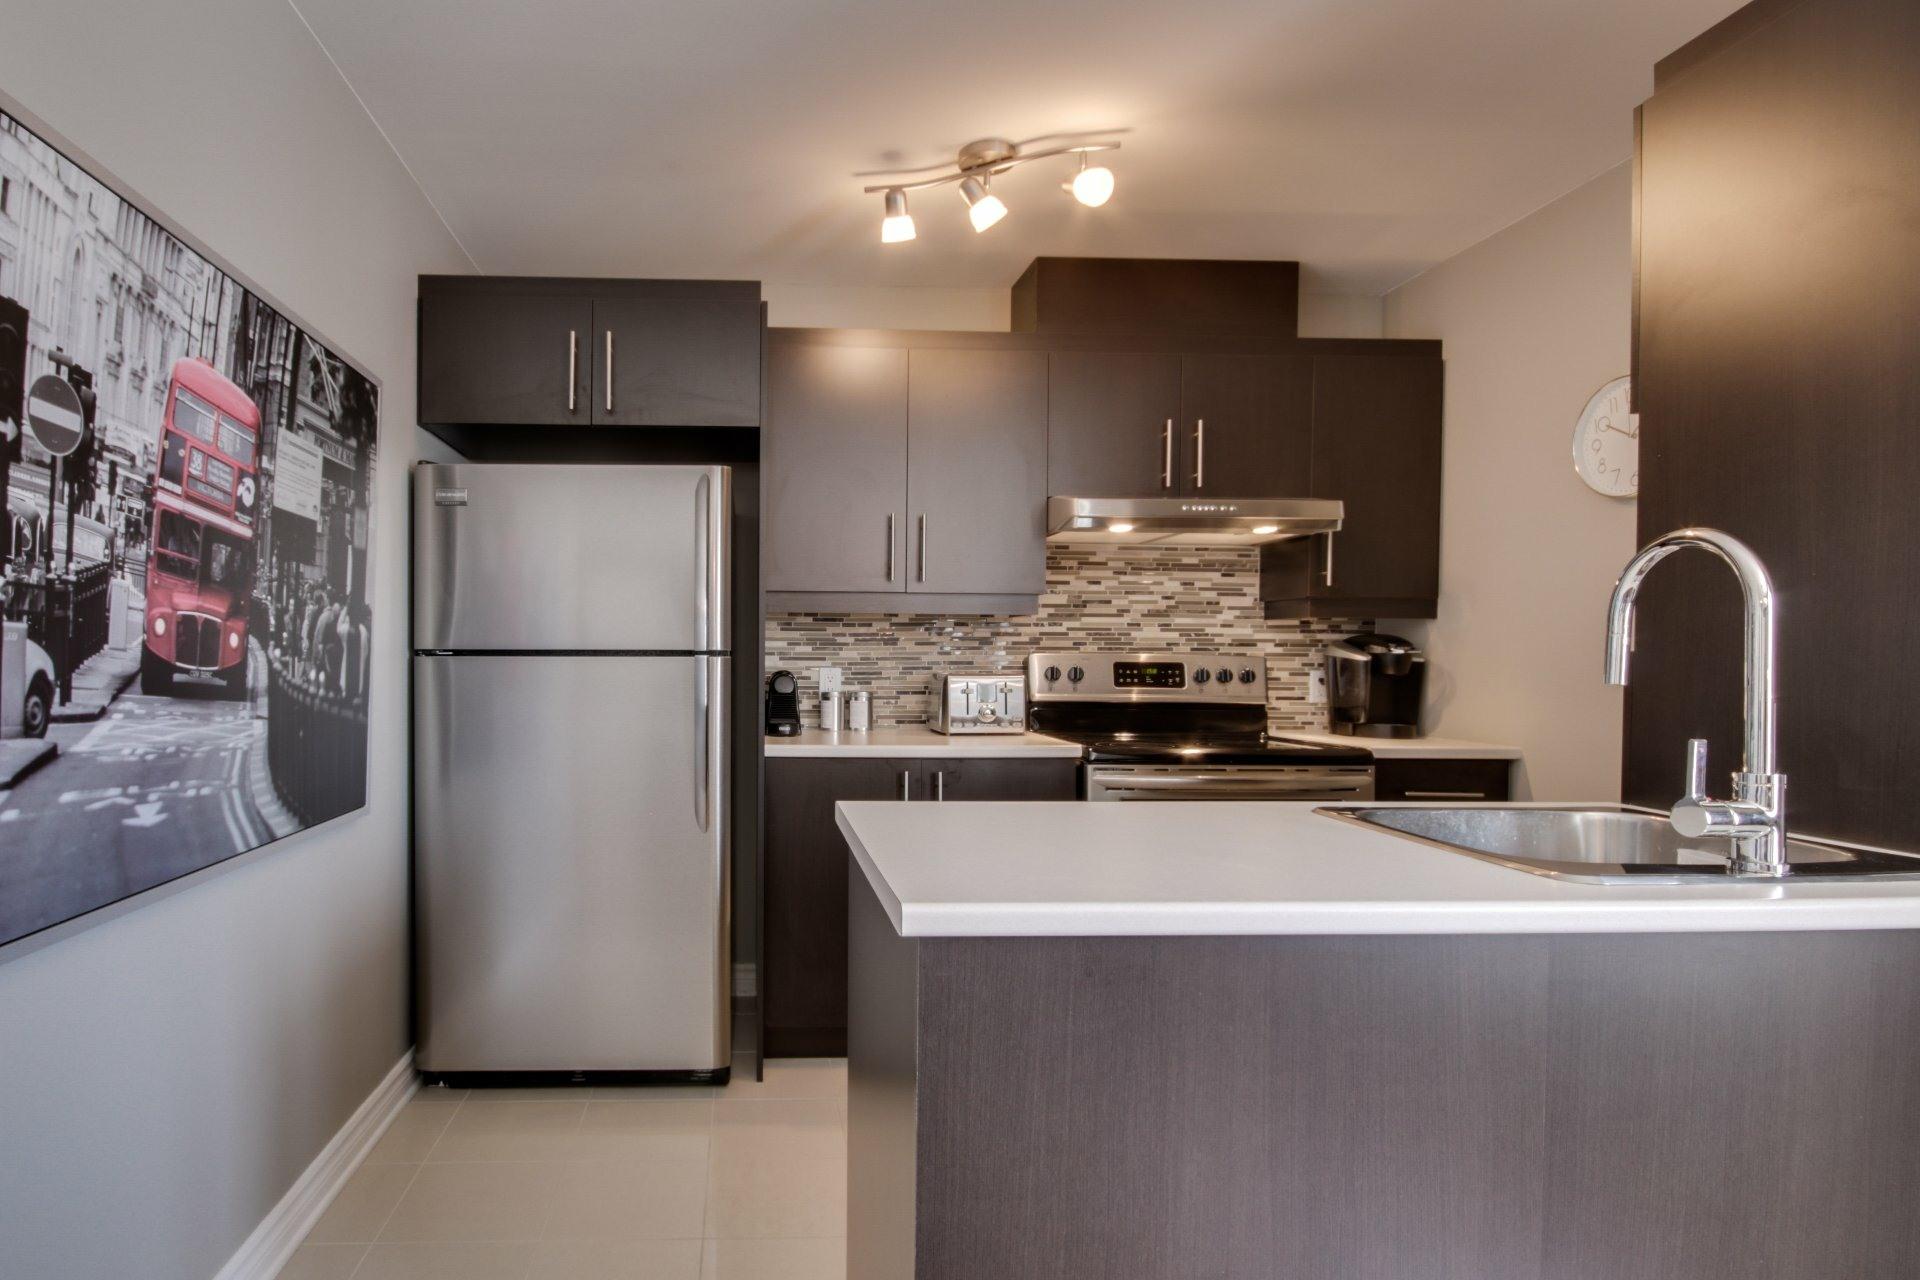 image 14 - Apartment For sale Trois-Rivières - 6 rooms